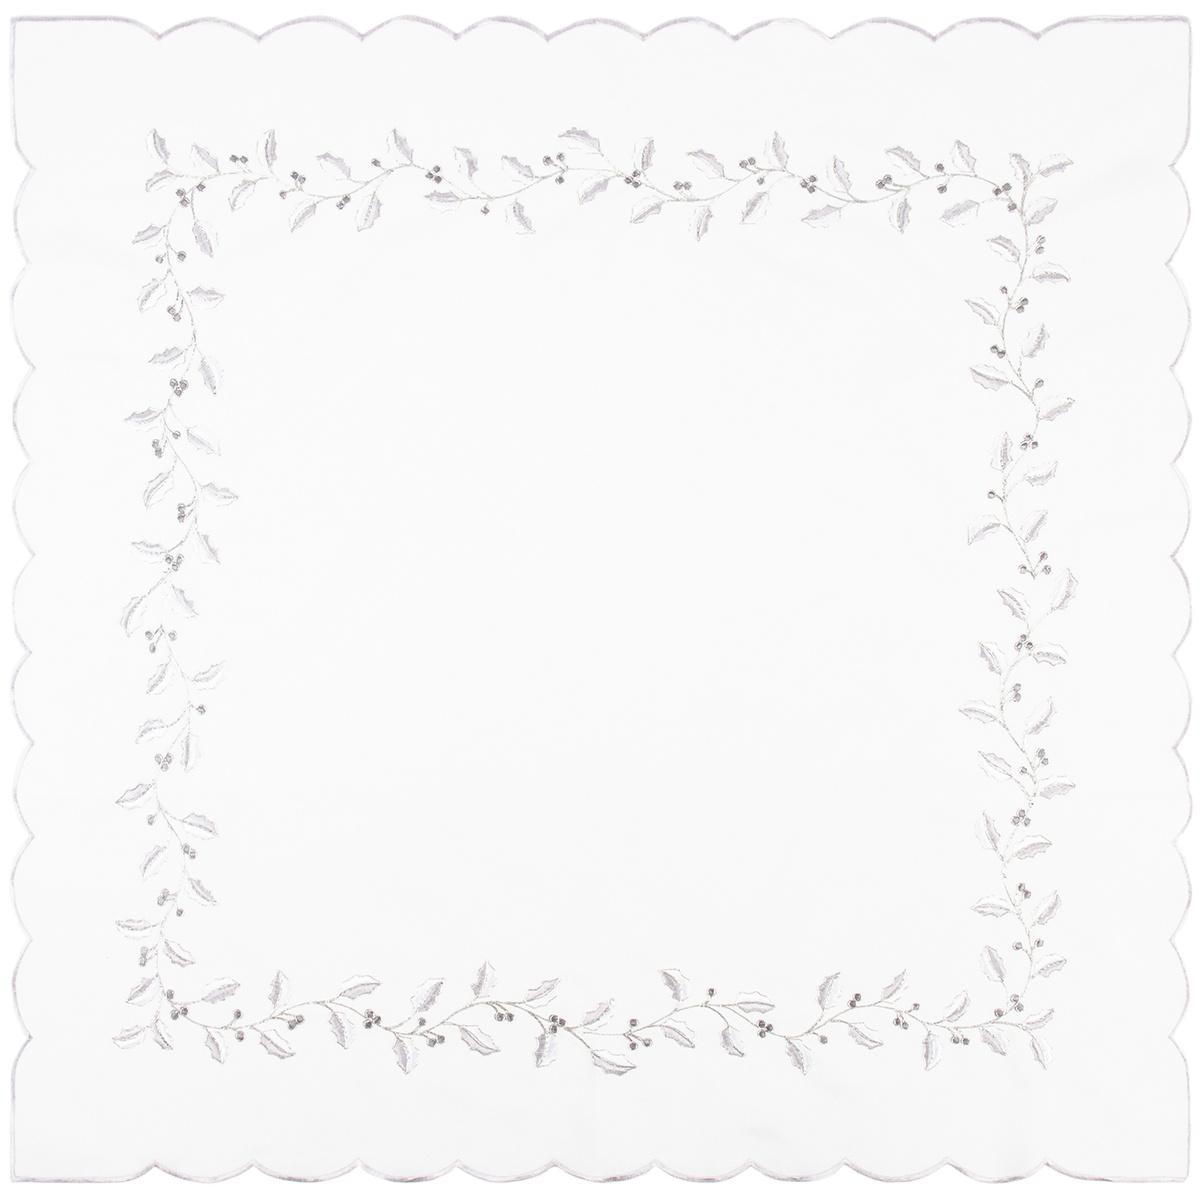 Vánoční ubrus Cesmína bílá, 85 x 85 cm